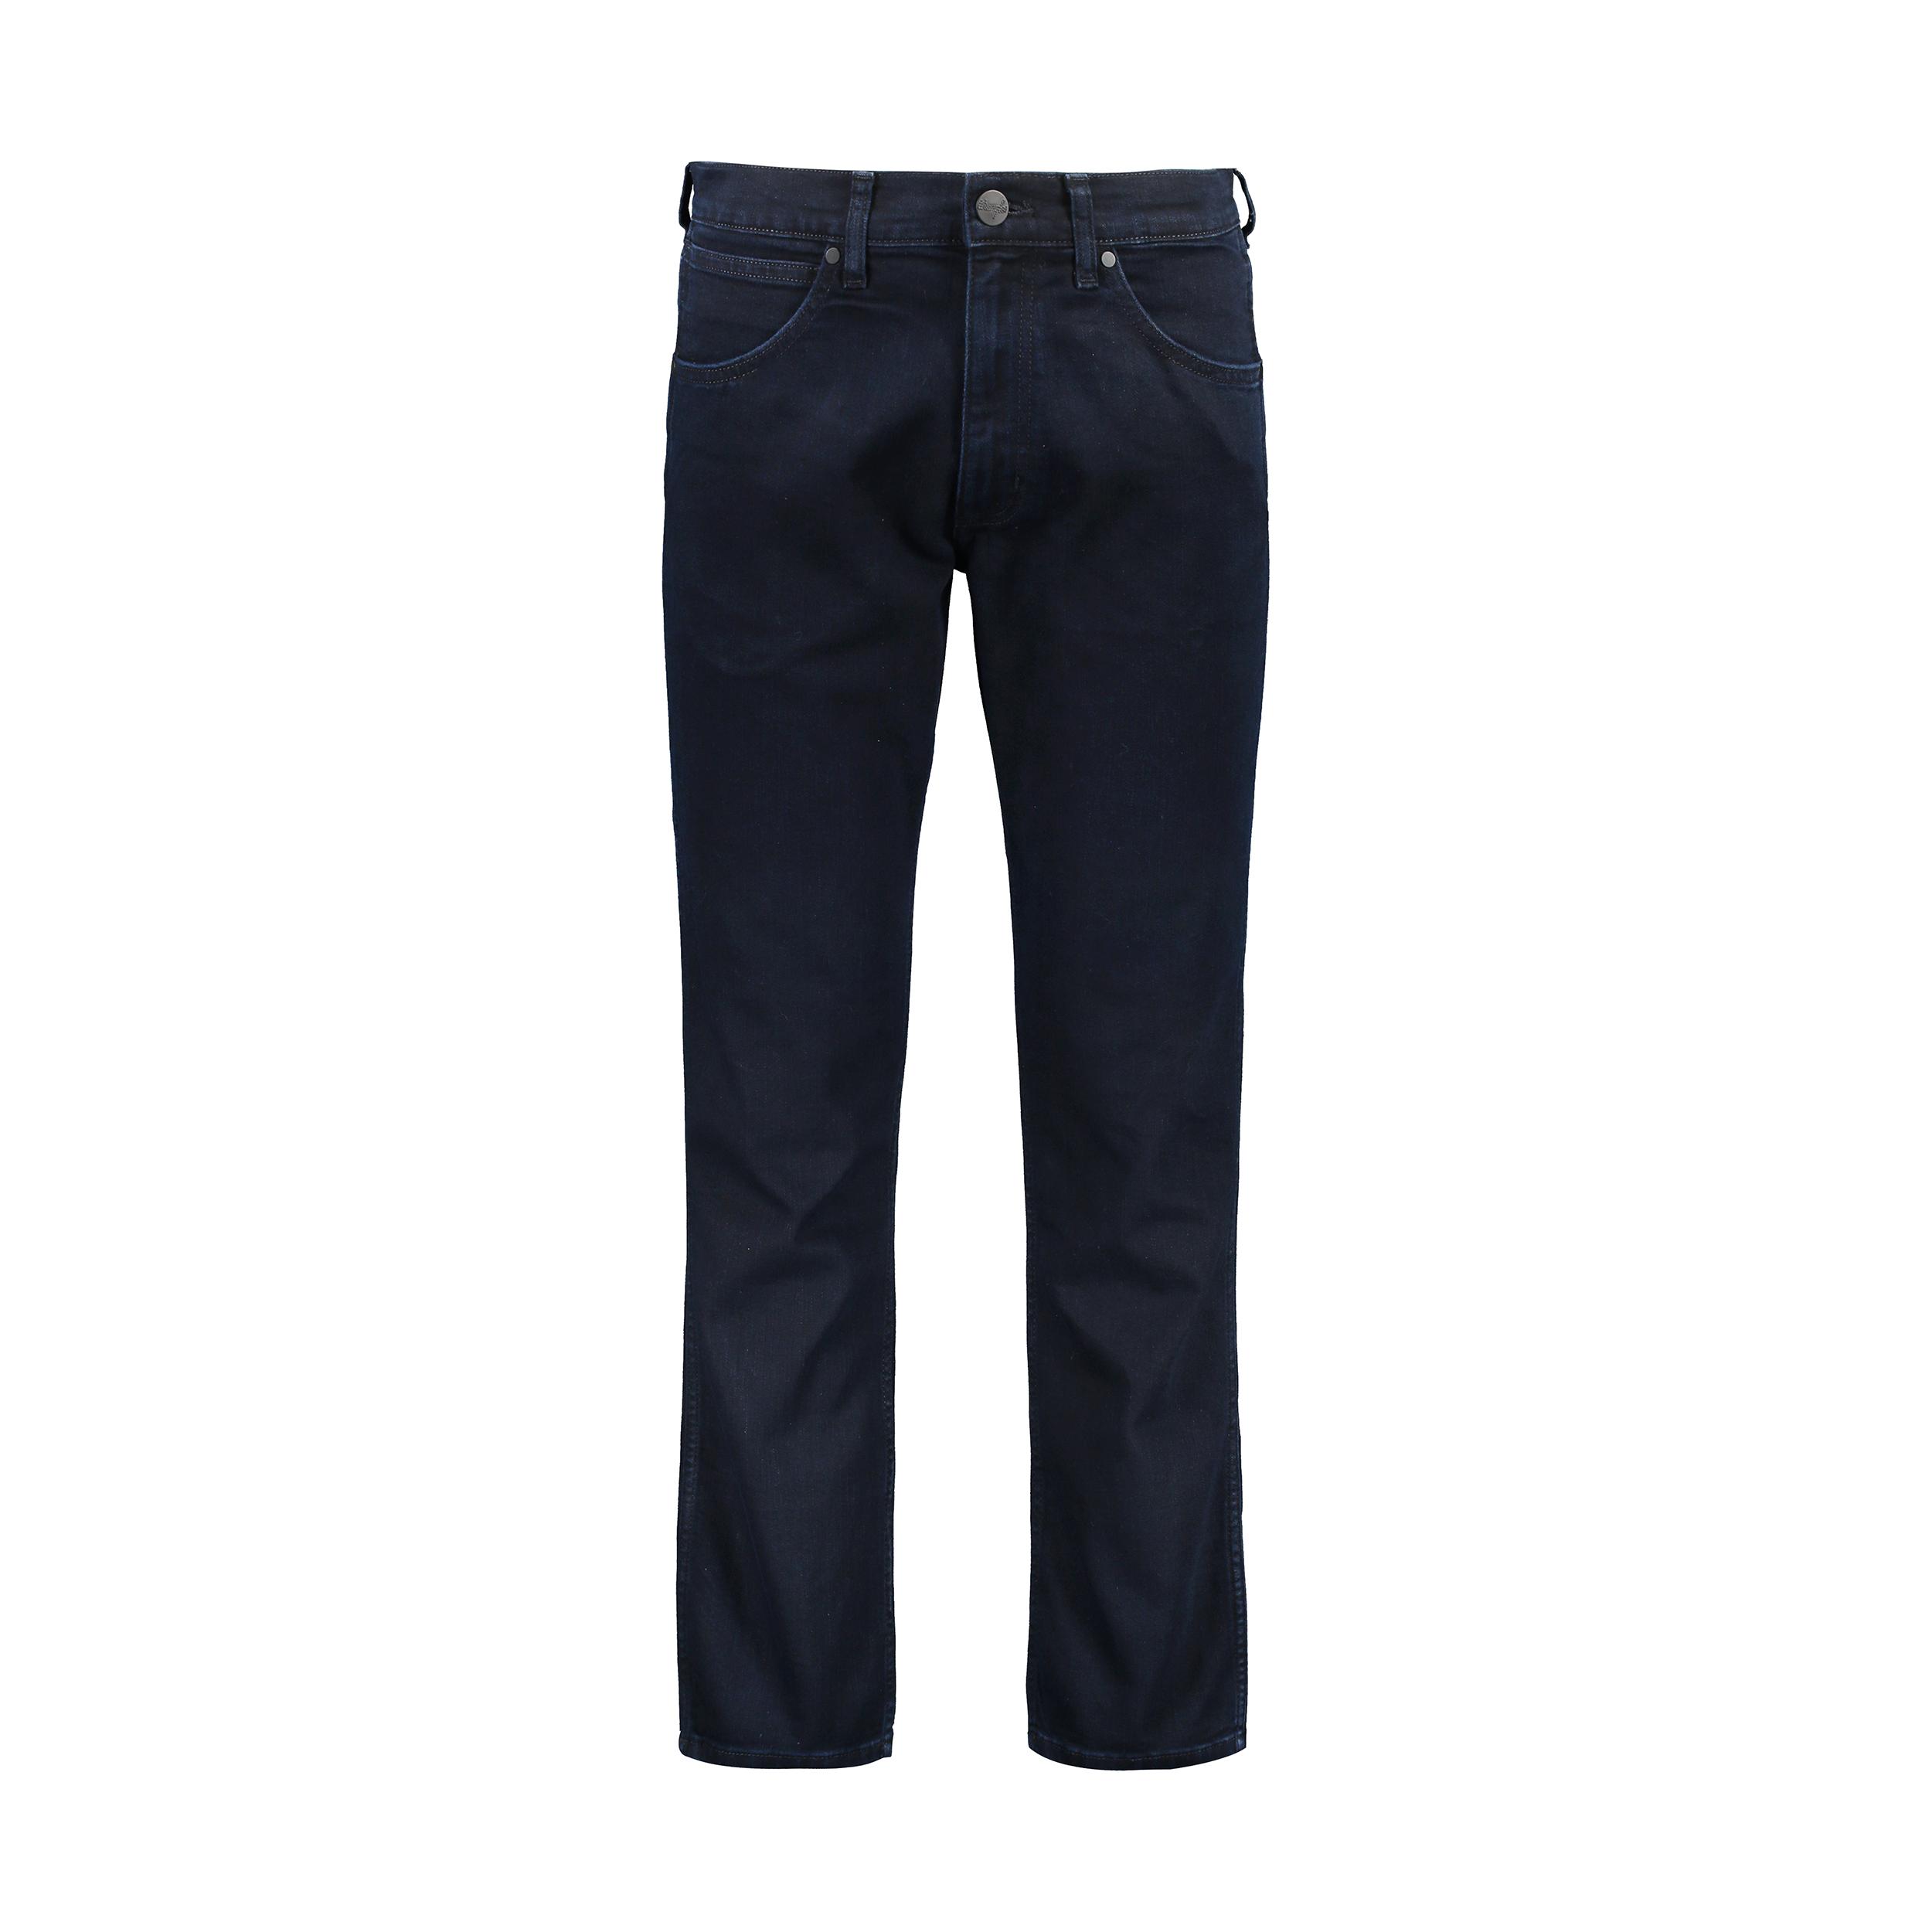 راهنمای خرید شلوار جین مردانه زی مدل 153122259 لیست قیمت